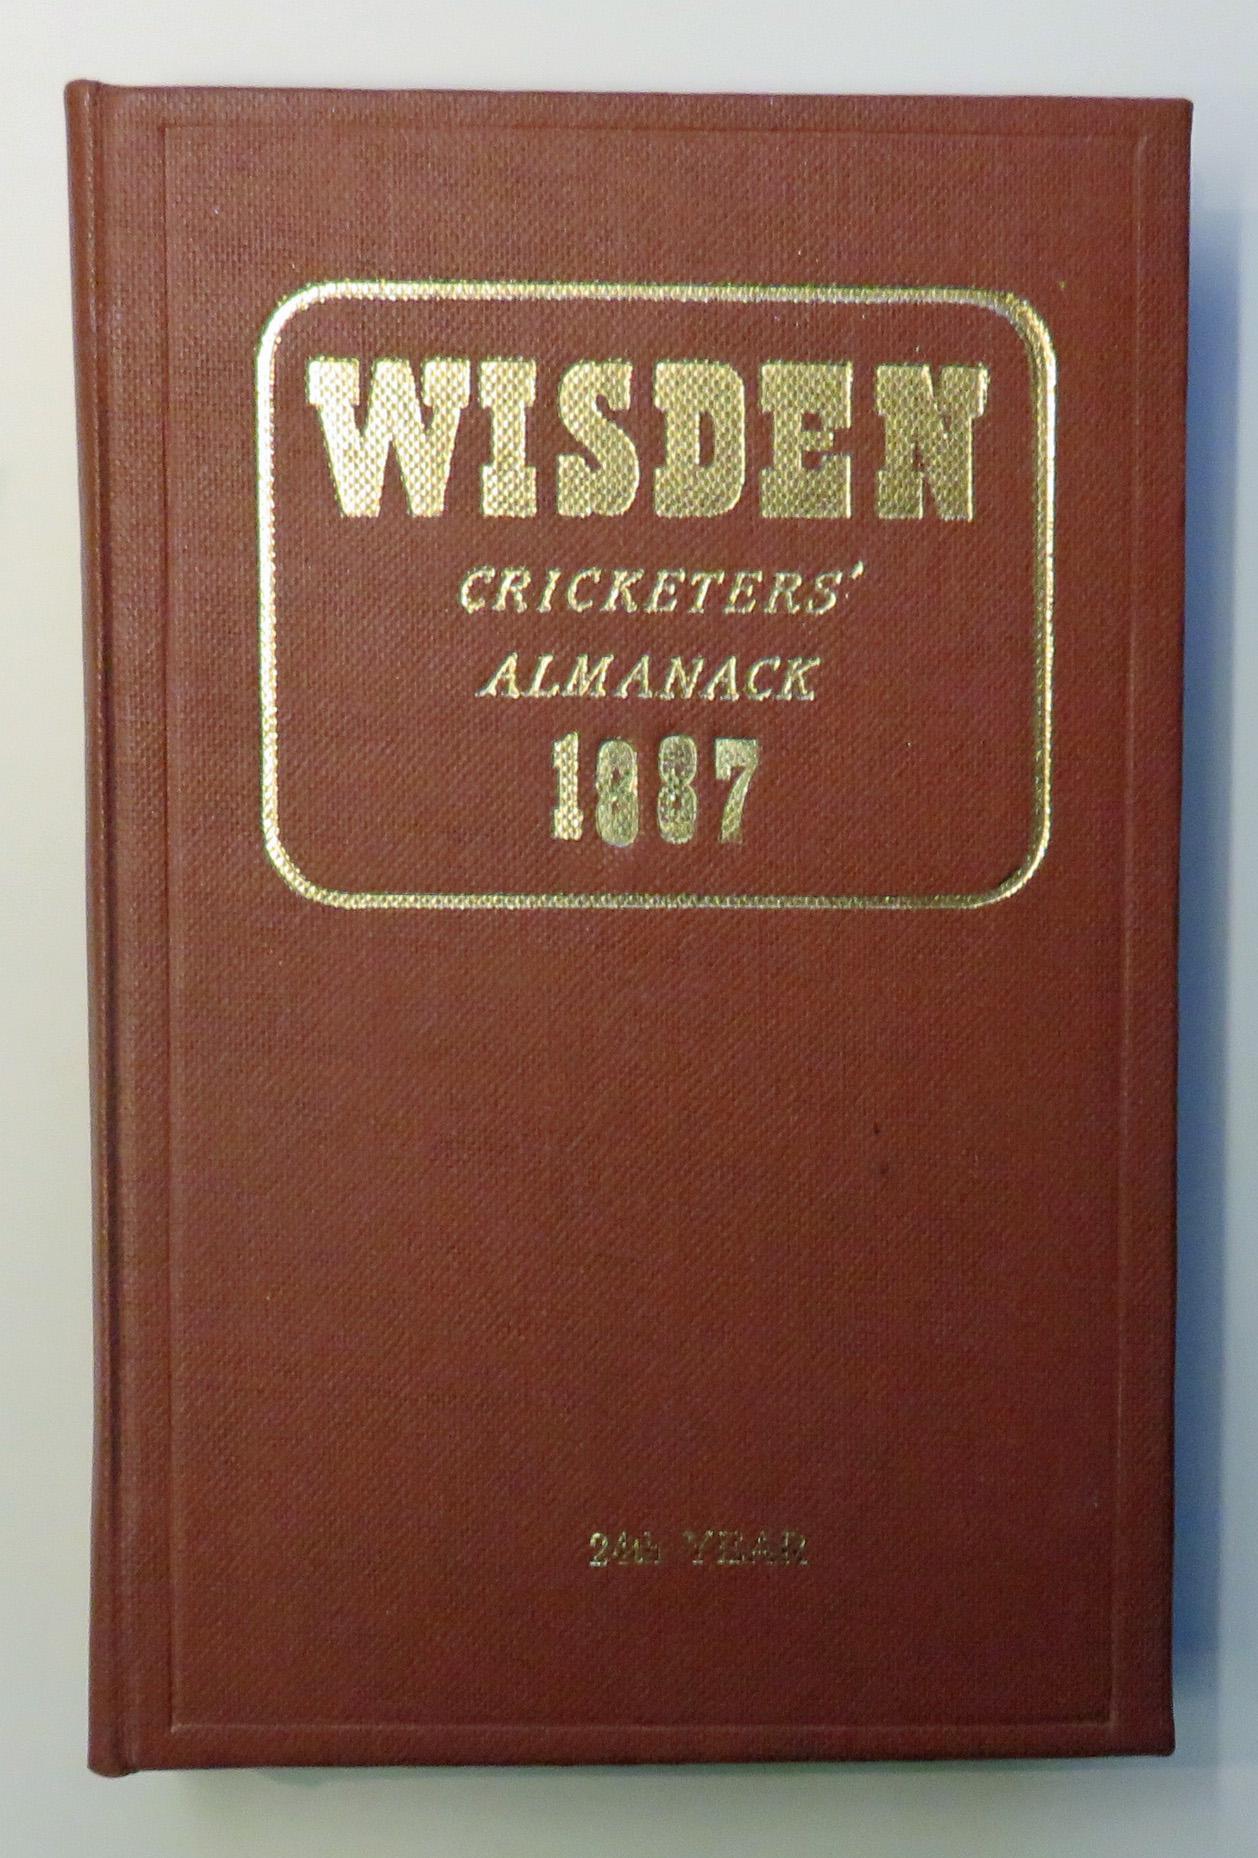 John Wisden's Cricketers' Almanack For 1887